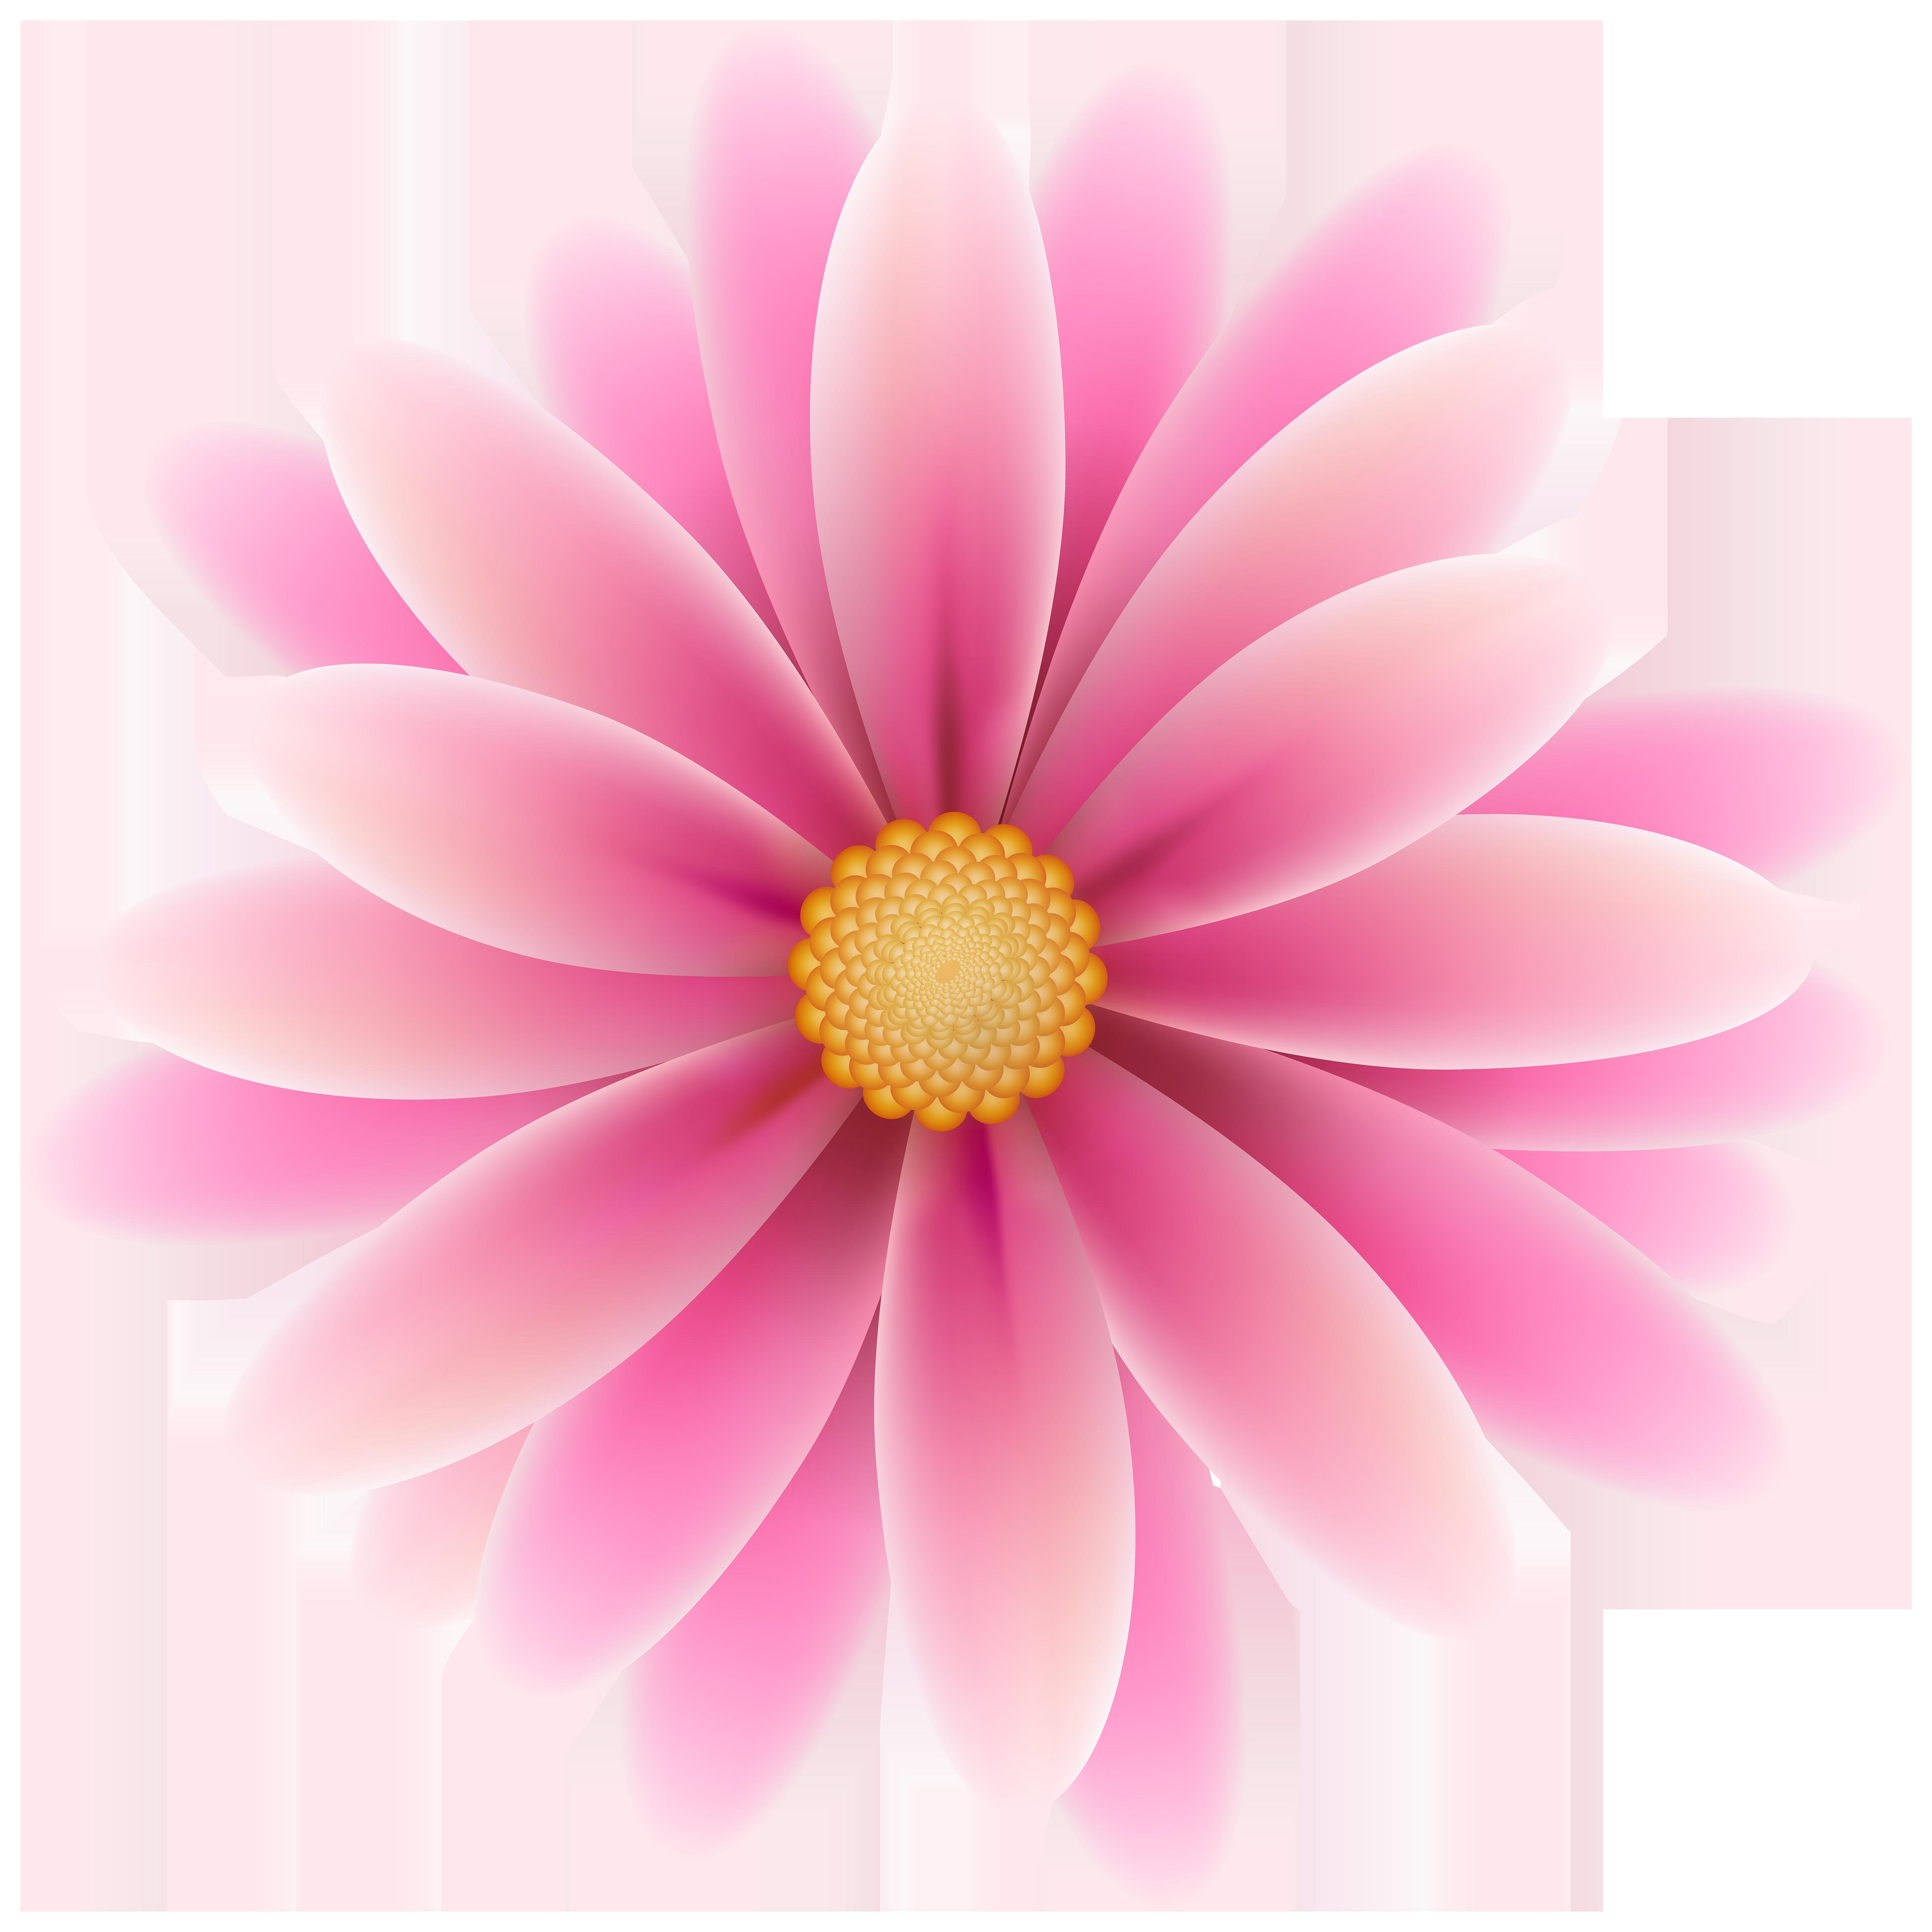 Pink Flower Clip Art Image.